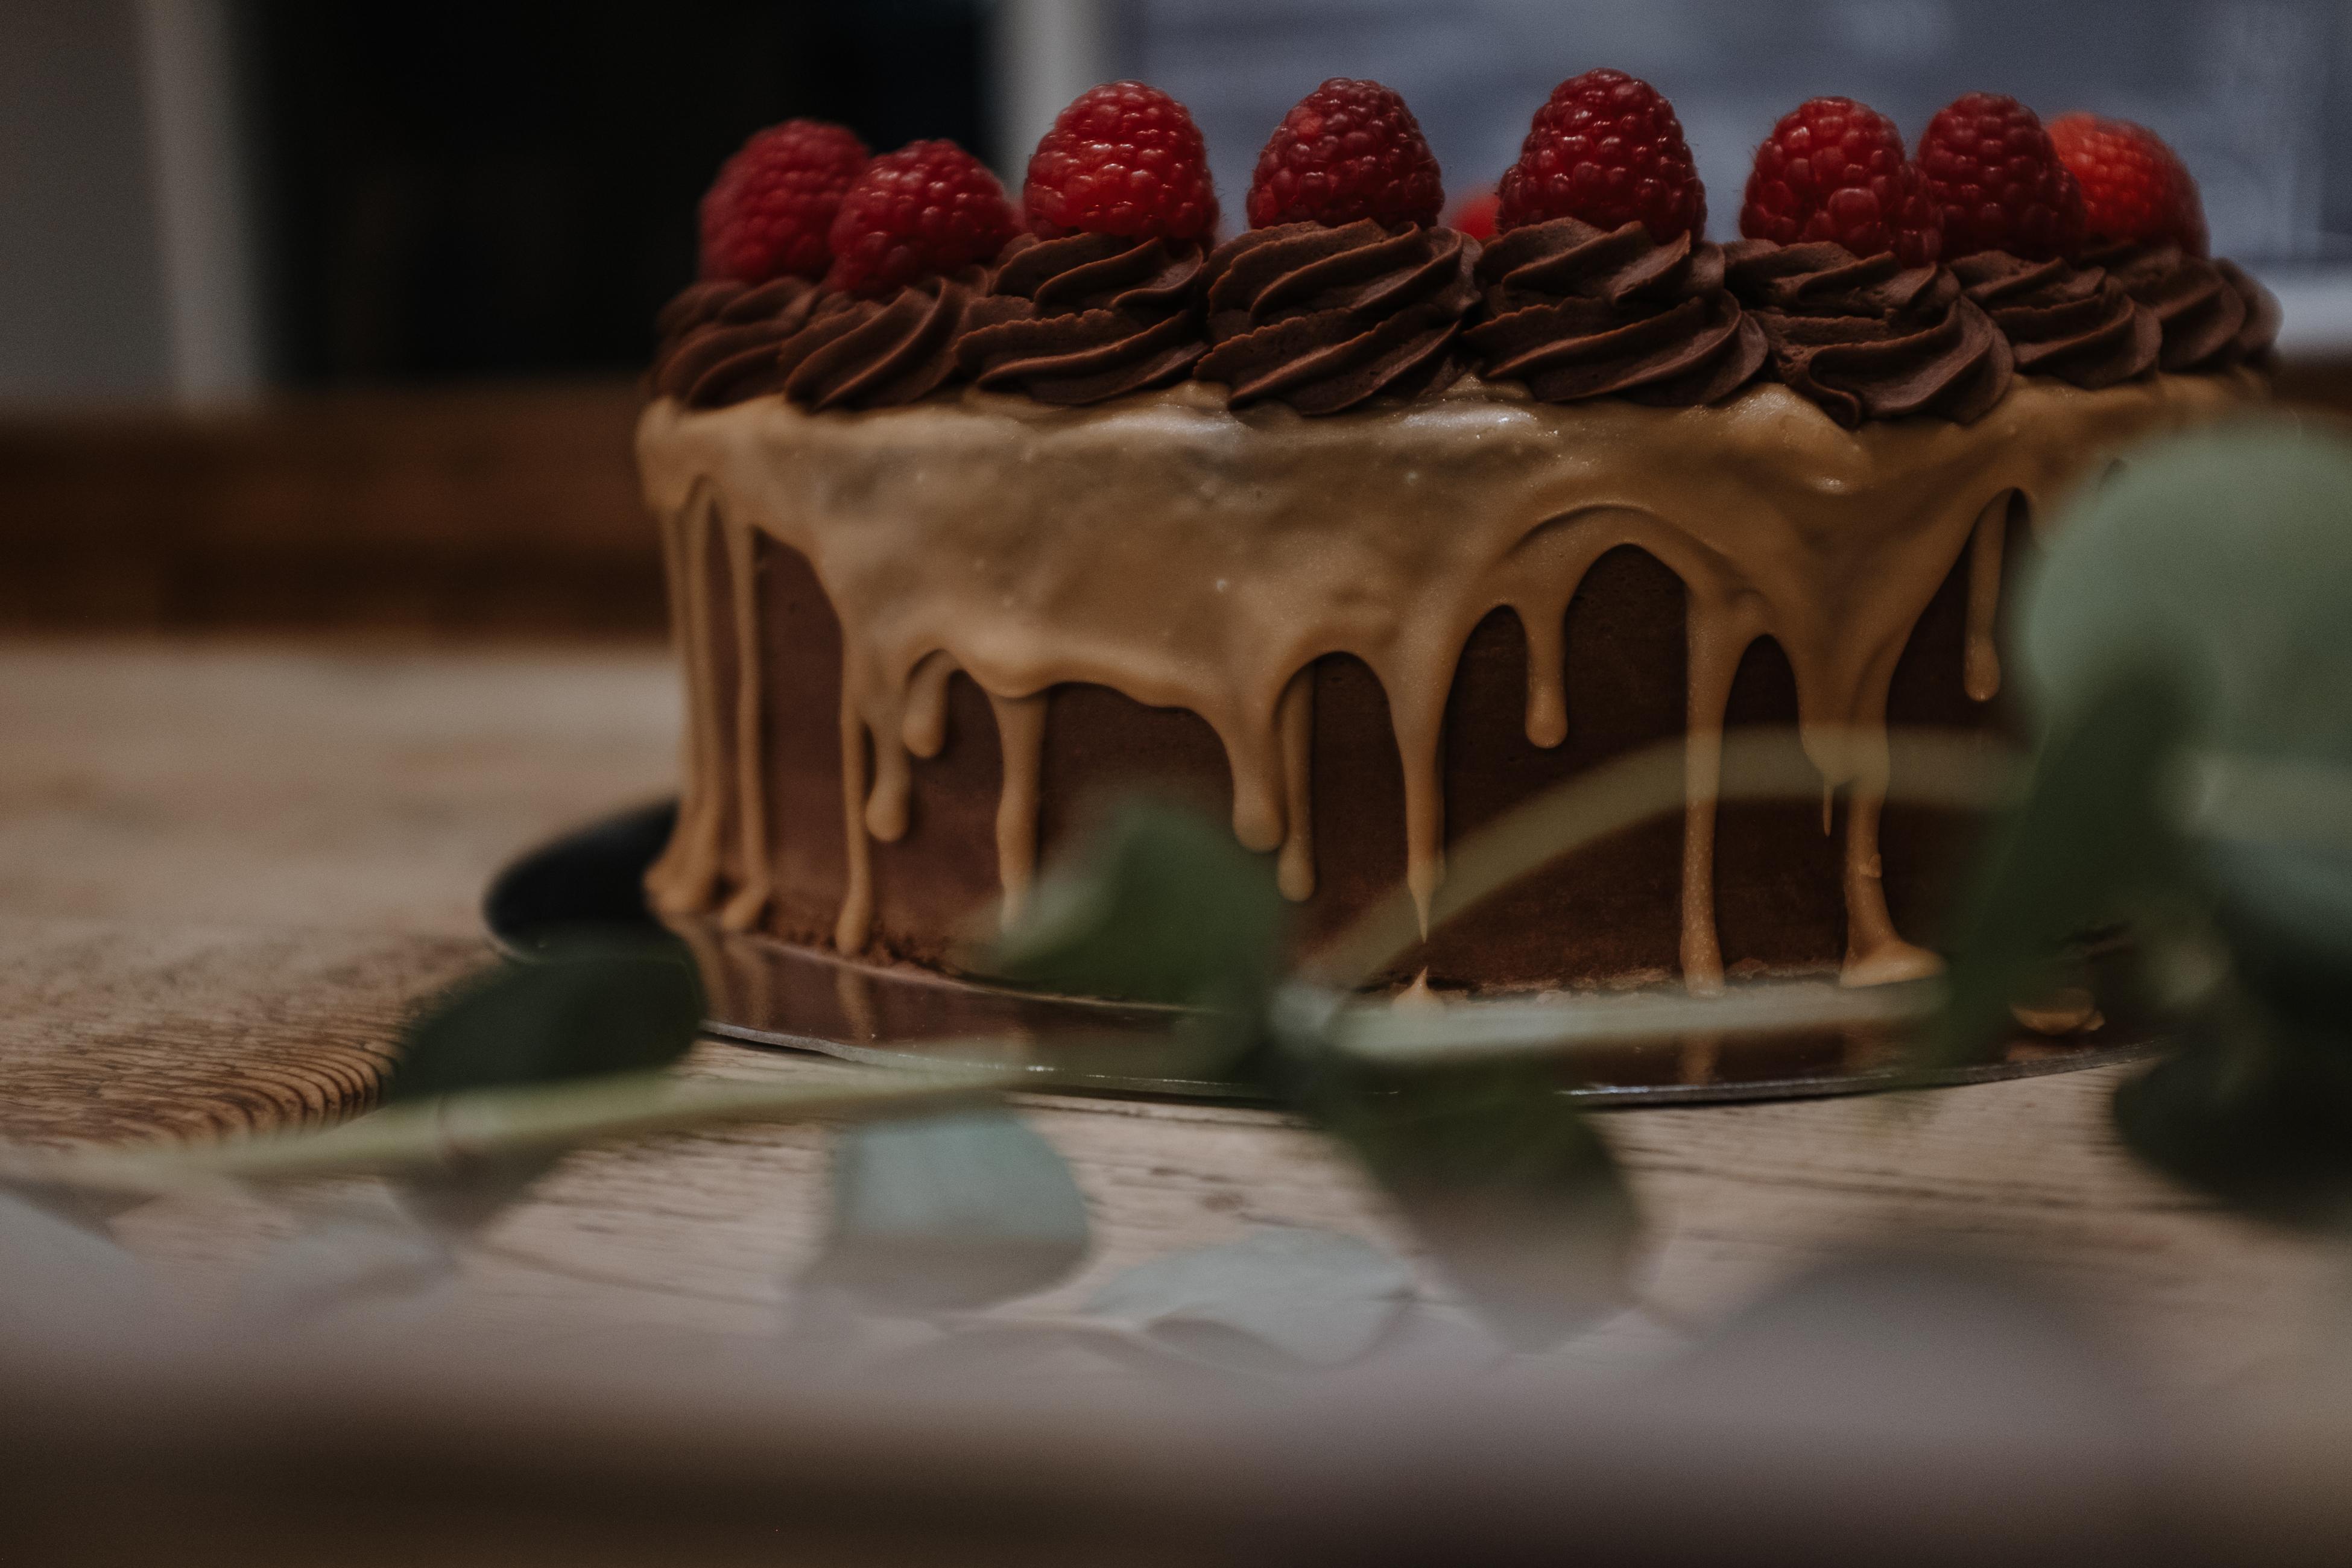 Deli - Cakes-4.jpg